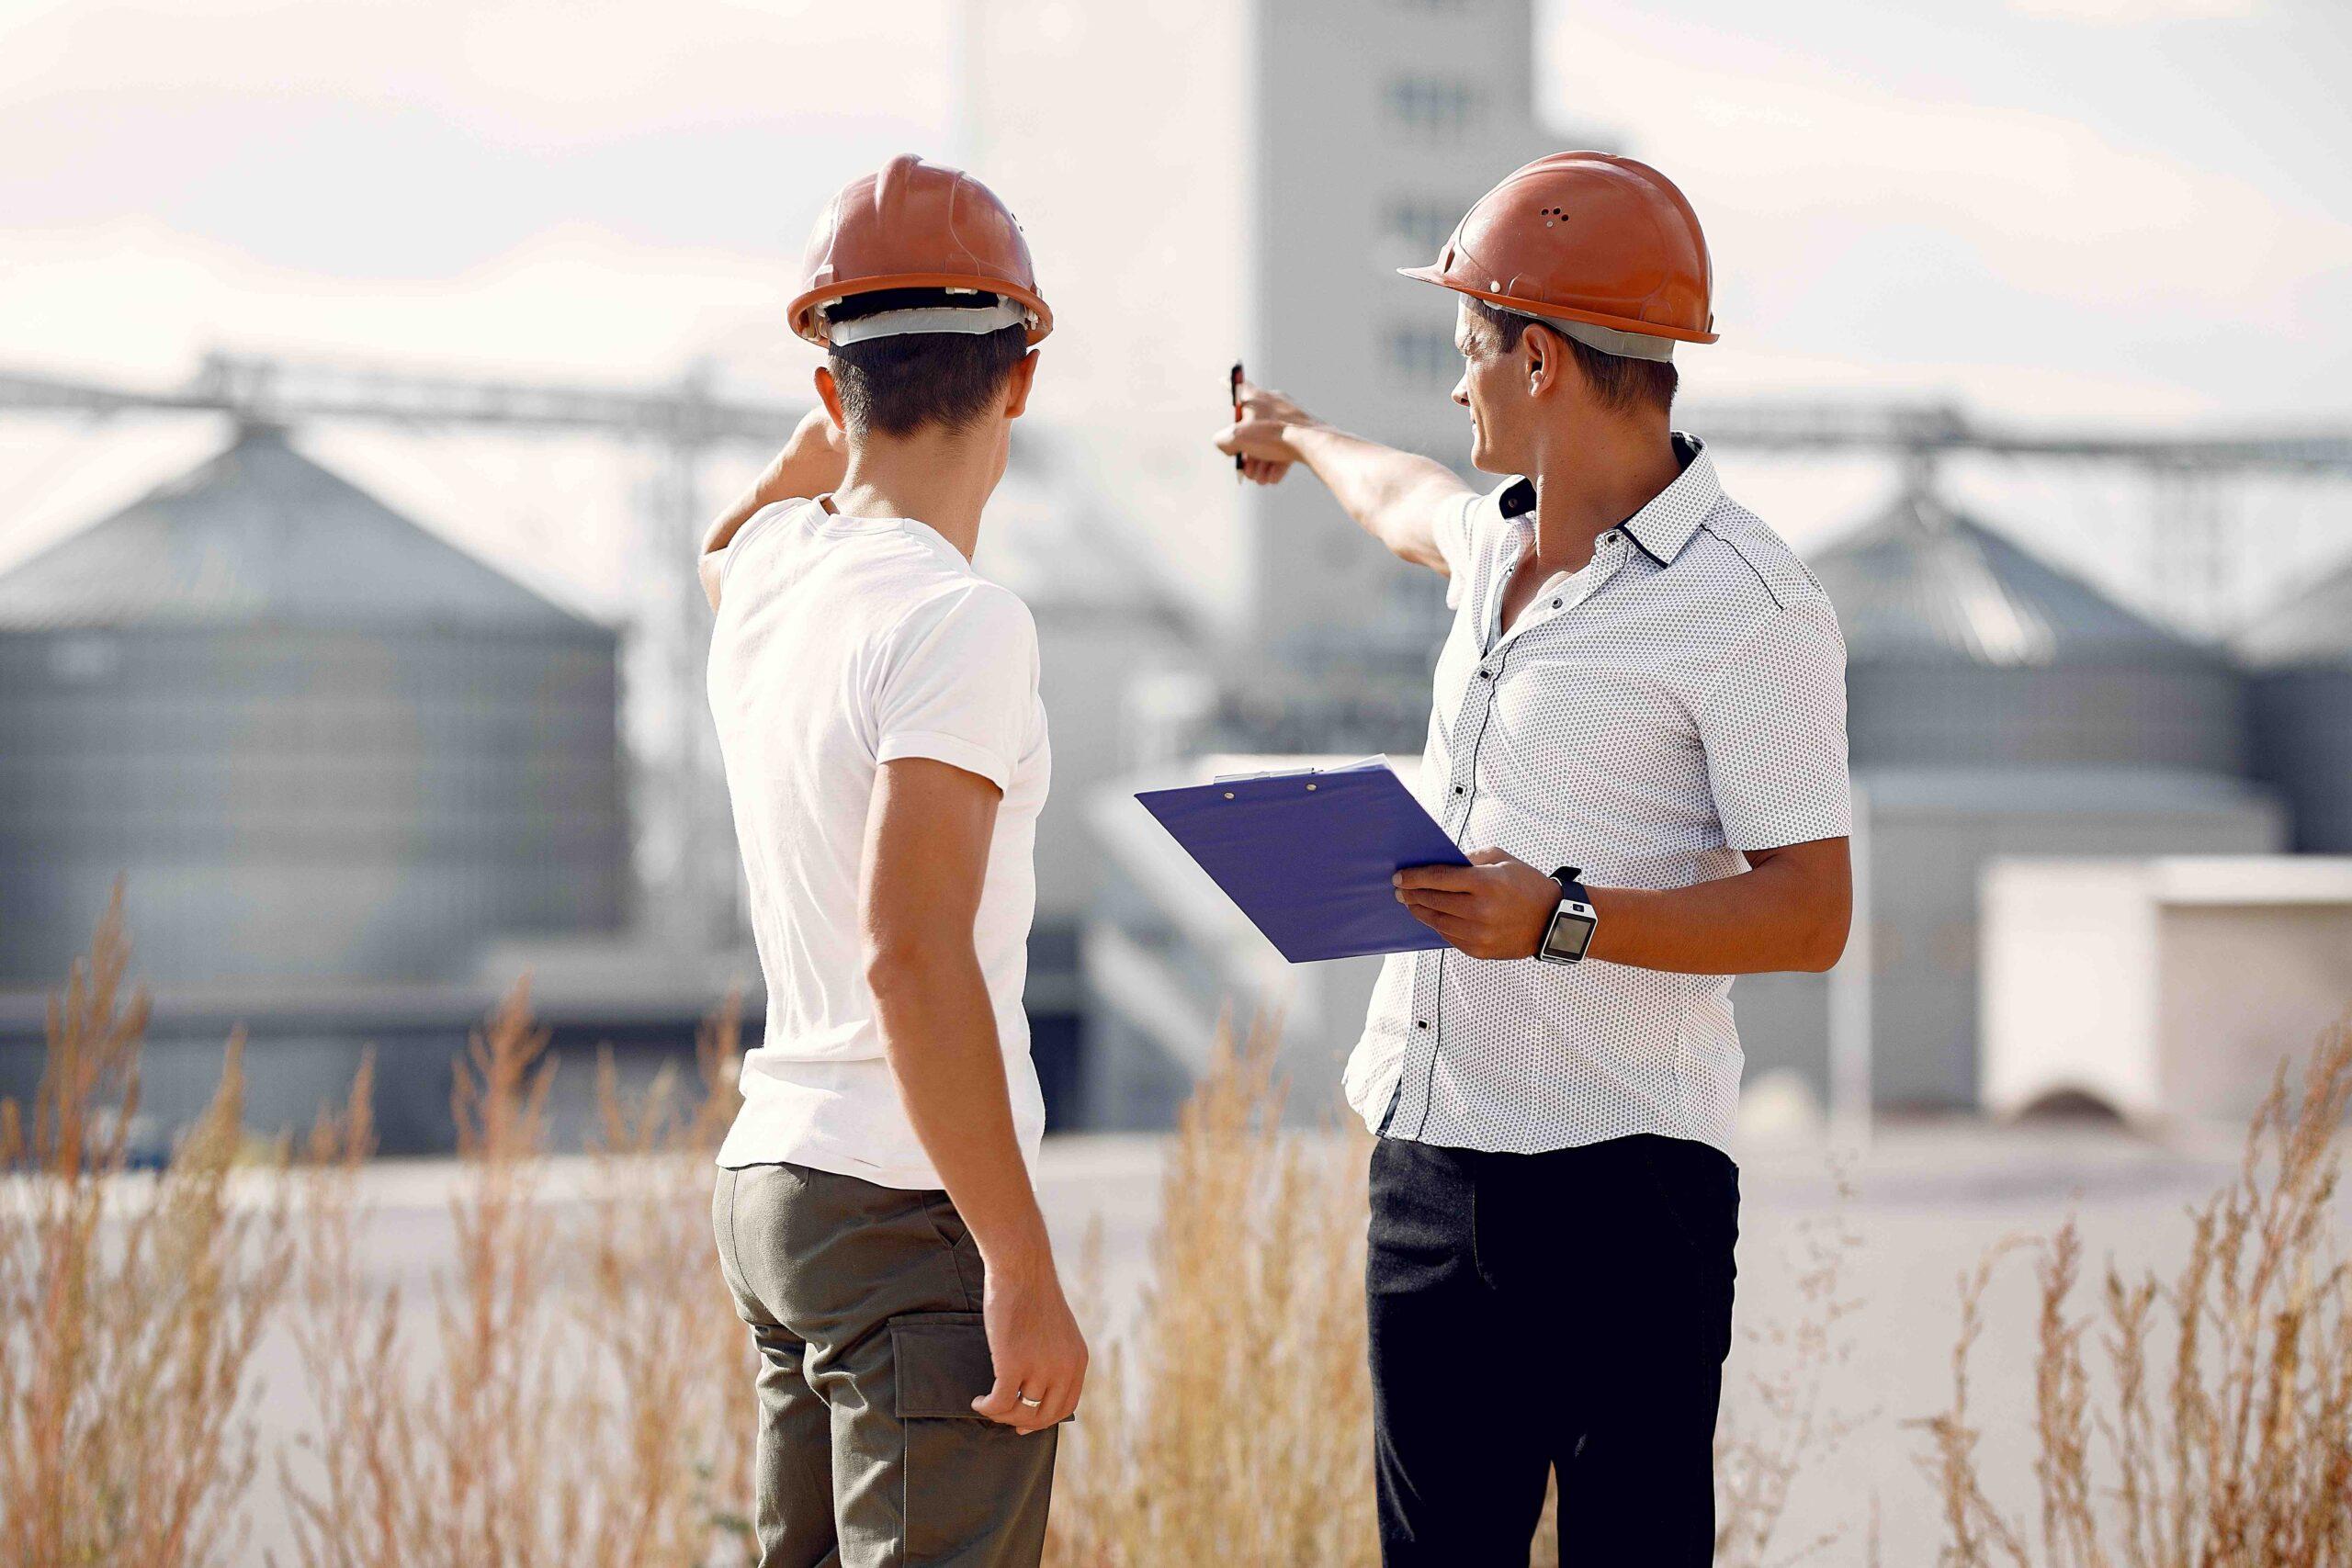 Projektleder ved opførelsen af fabrik som foretager en inspektion